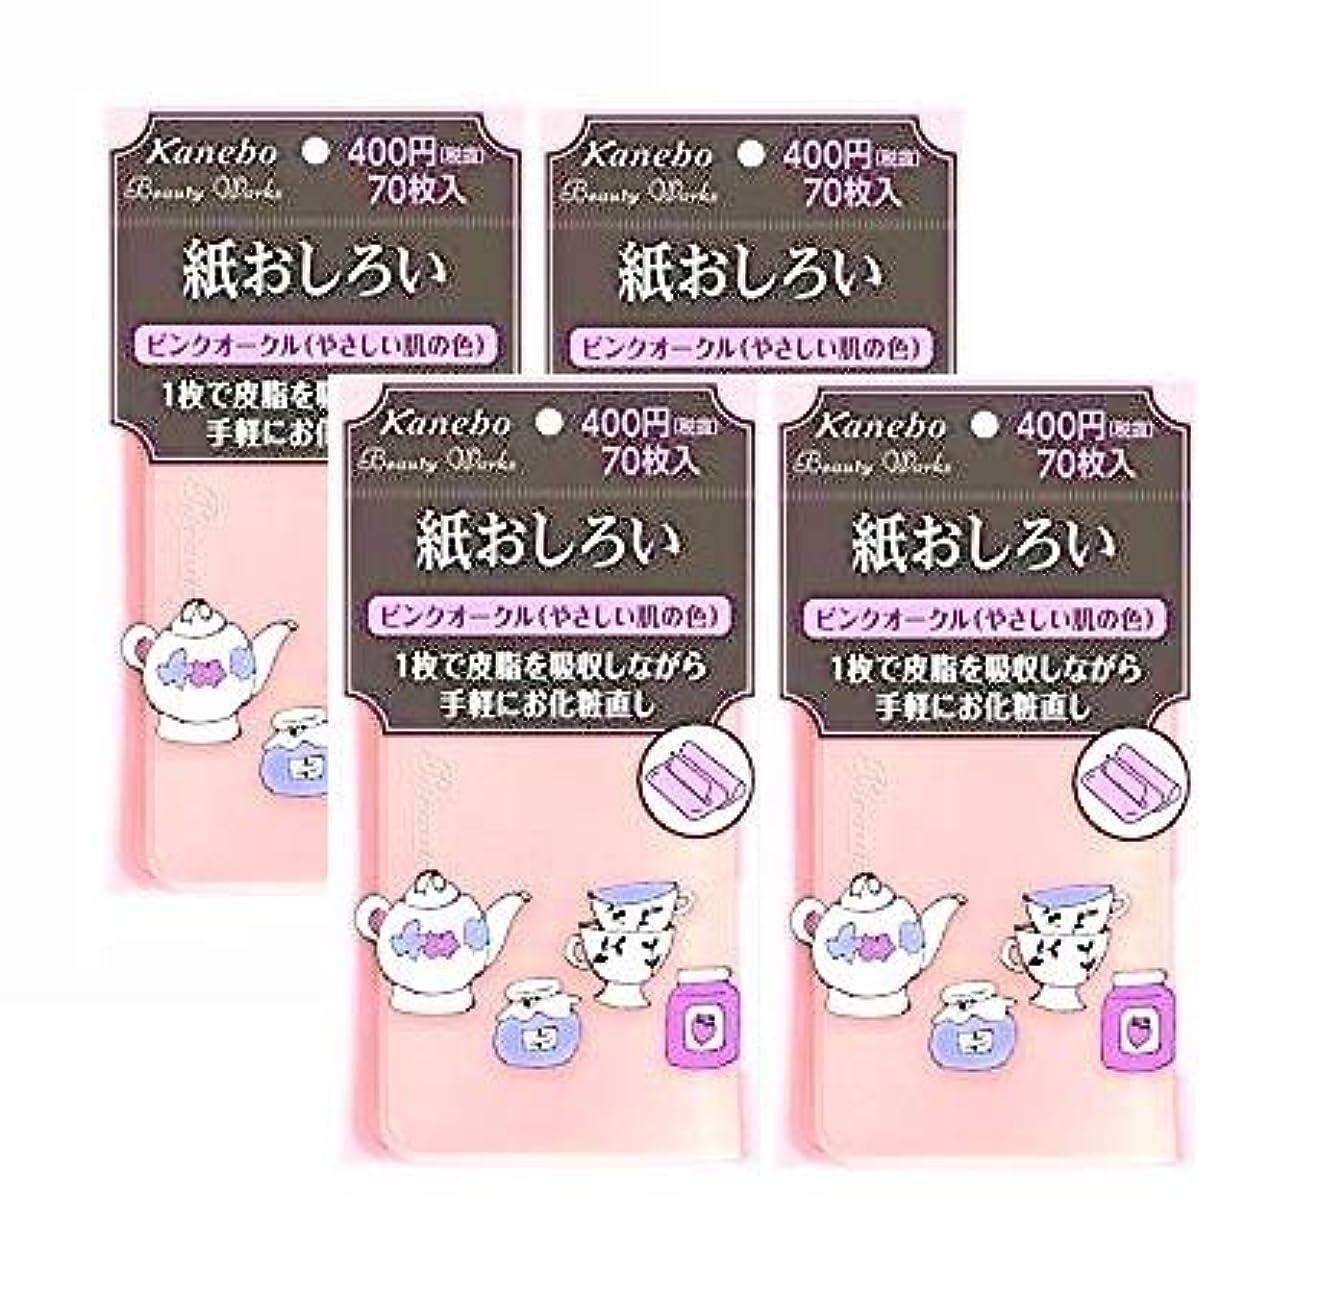 【4個】カネボウ ビューティワークス 紙おしろい(ピンクオークル)